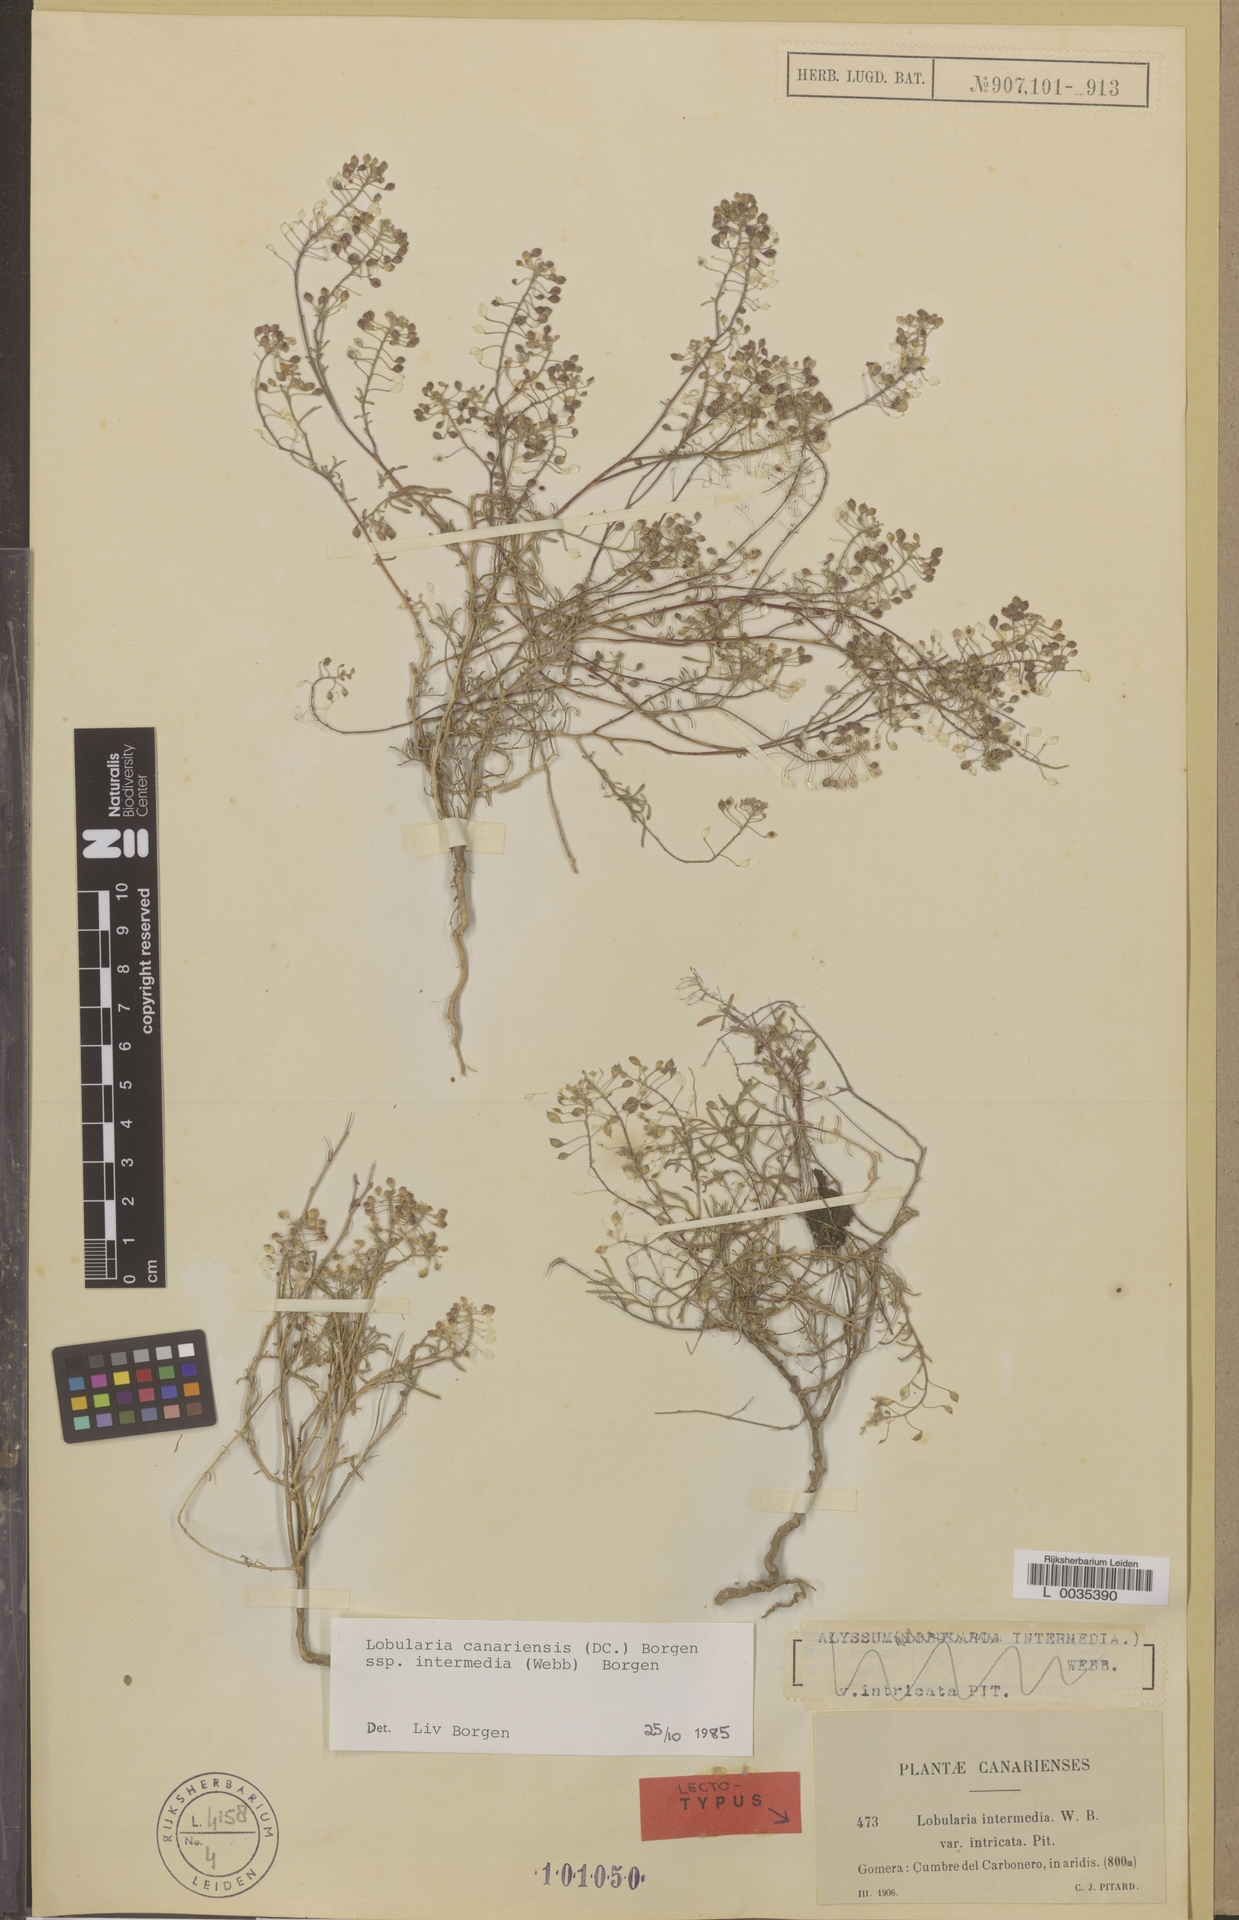 L  0035390   Lobularia canariensis subsp. intermedia (Webb & Berthel.) L.Borgen